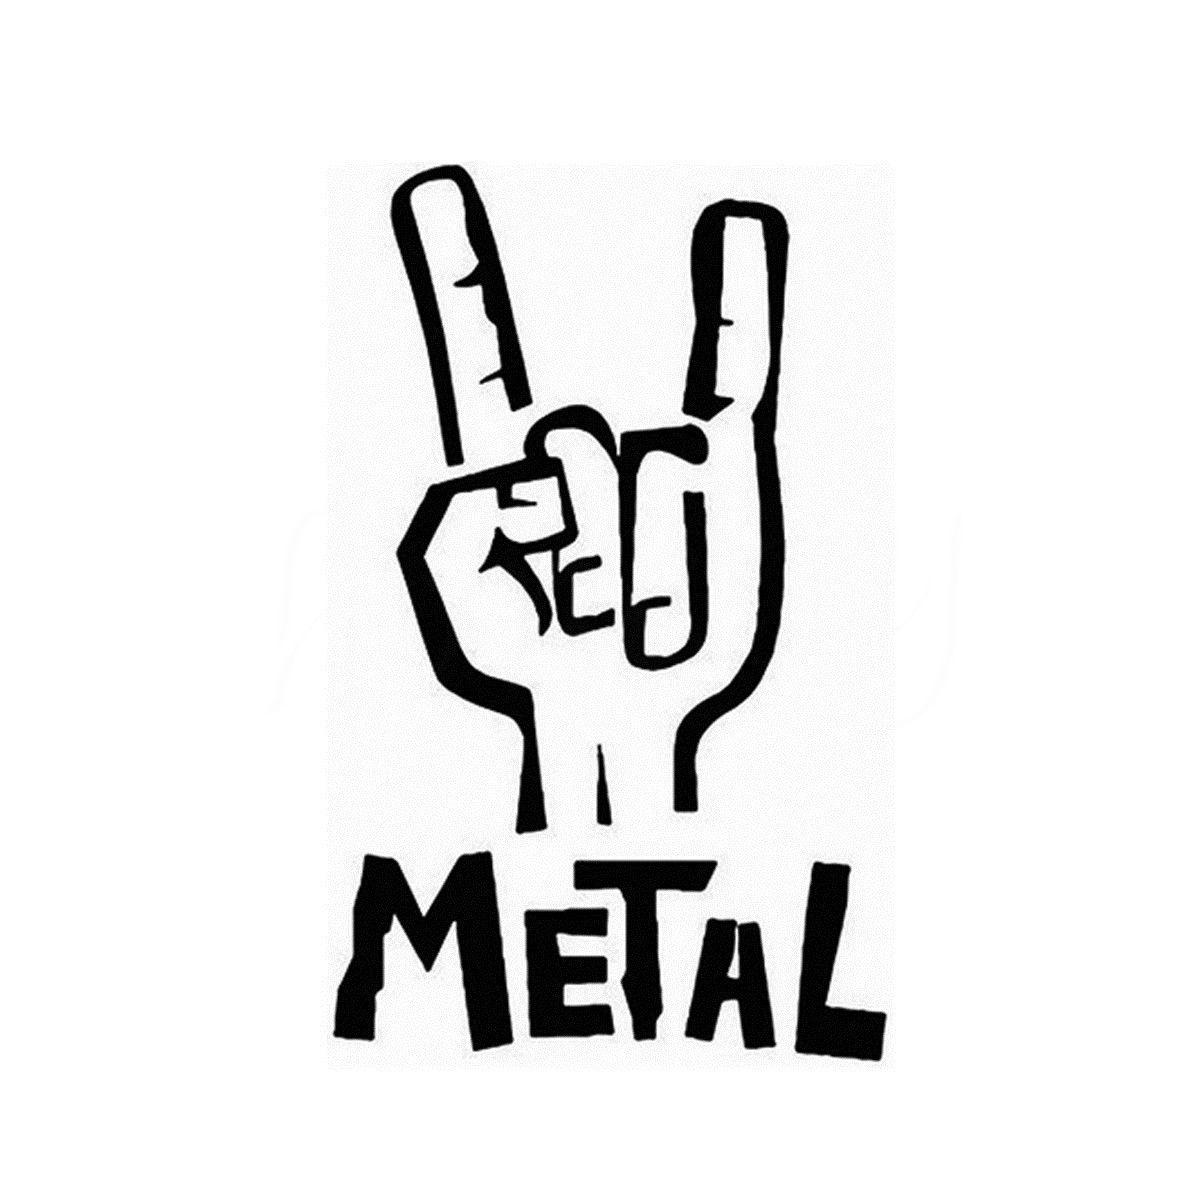 ⊱Heavy Metal etiqueta del vinilo bajo eléctrico Guitarras Rock ...